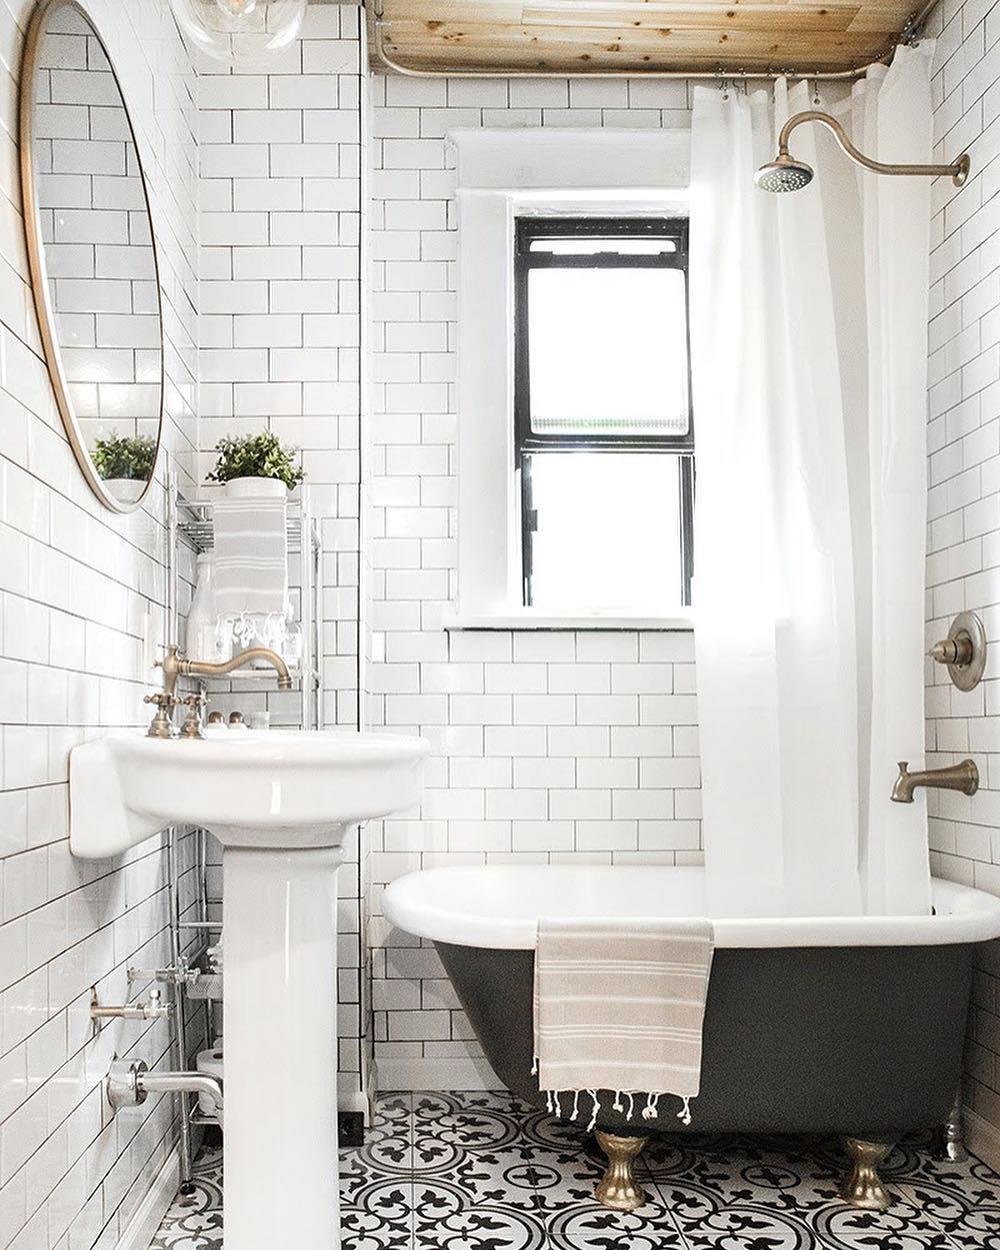 carreaux de ciment dans petite salle de bain